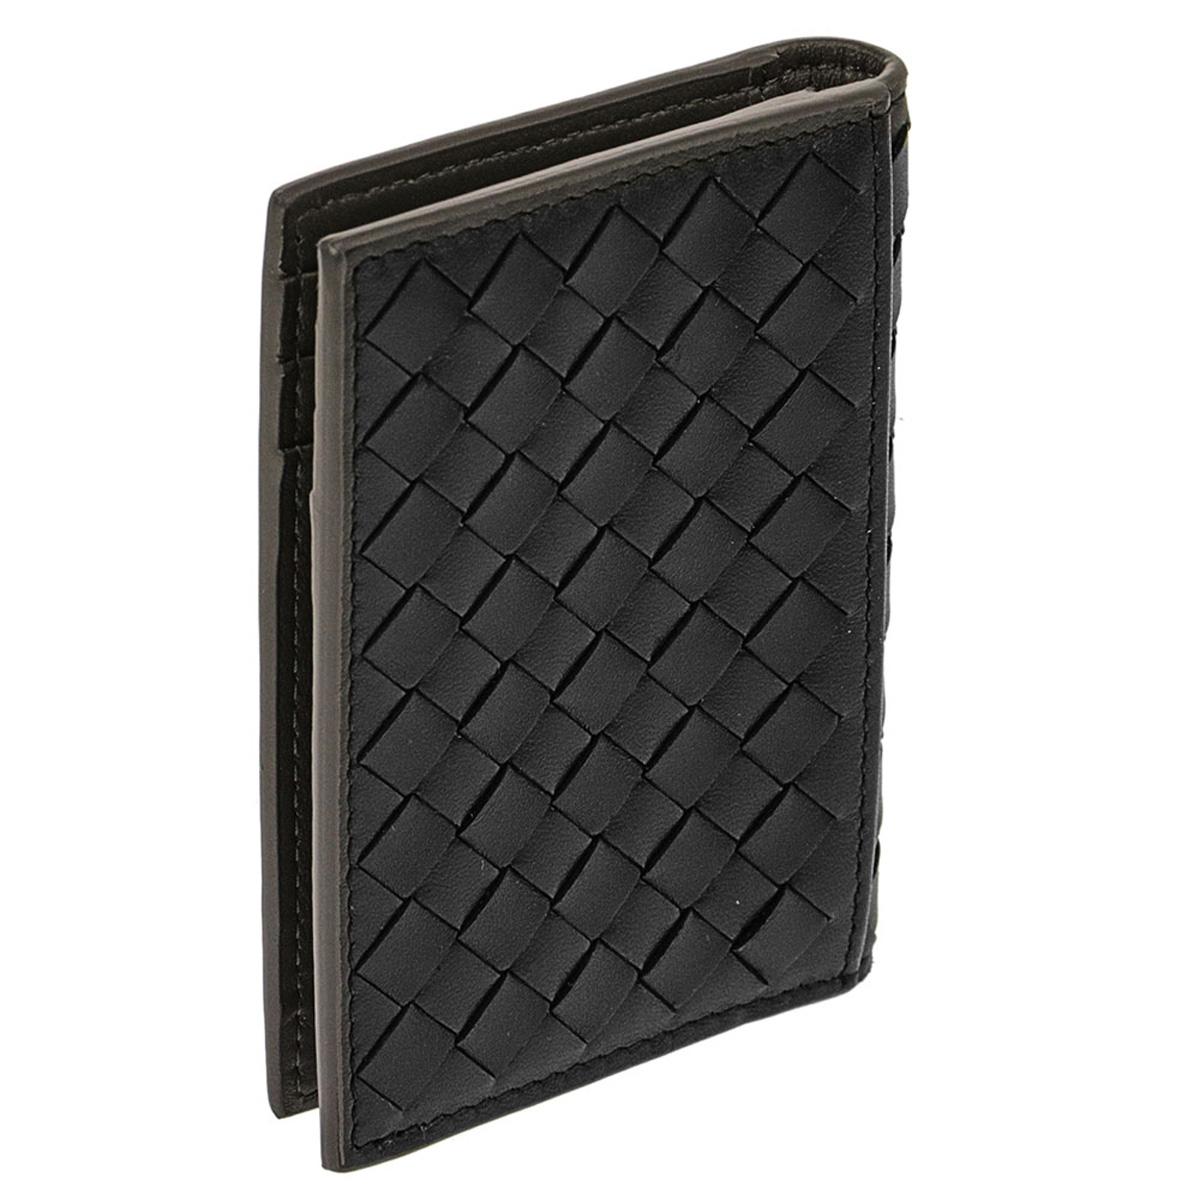 ボッテガヴェネタ BOTTEGA VENETA イントレチャート VN ナッパ カードケース 464902 V465U 8885 二つ折りカードケース ネロ ニューライトグレー ブラック+ライトグレー 黒 灰